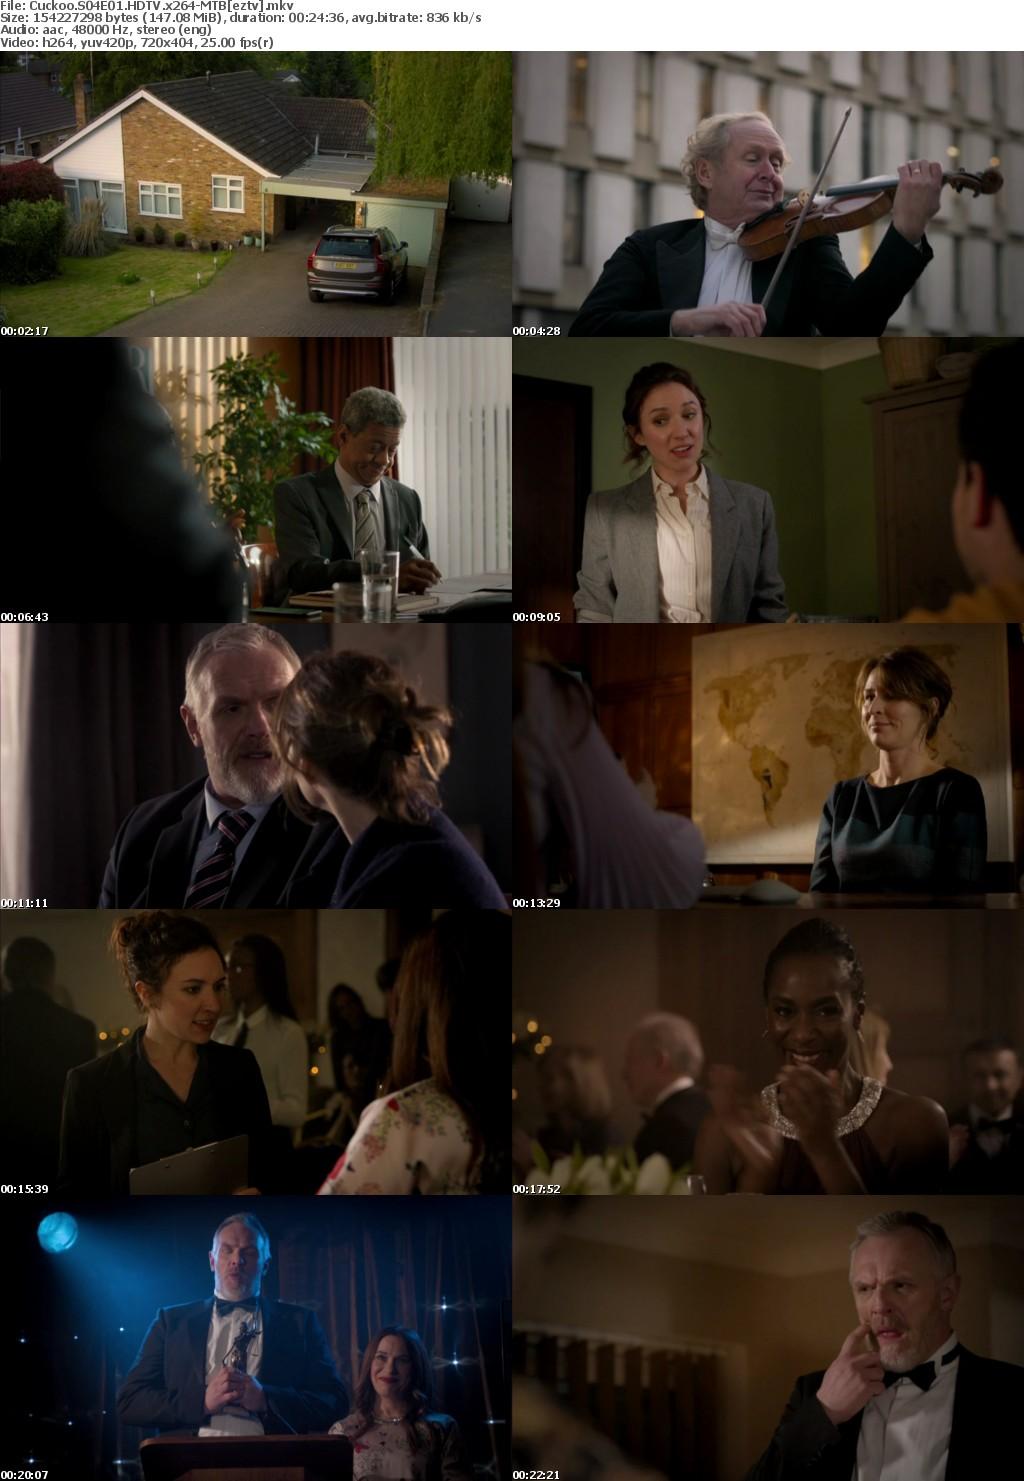 Cuckoo S04E01 HDTV x264-MTB